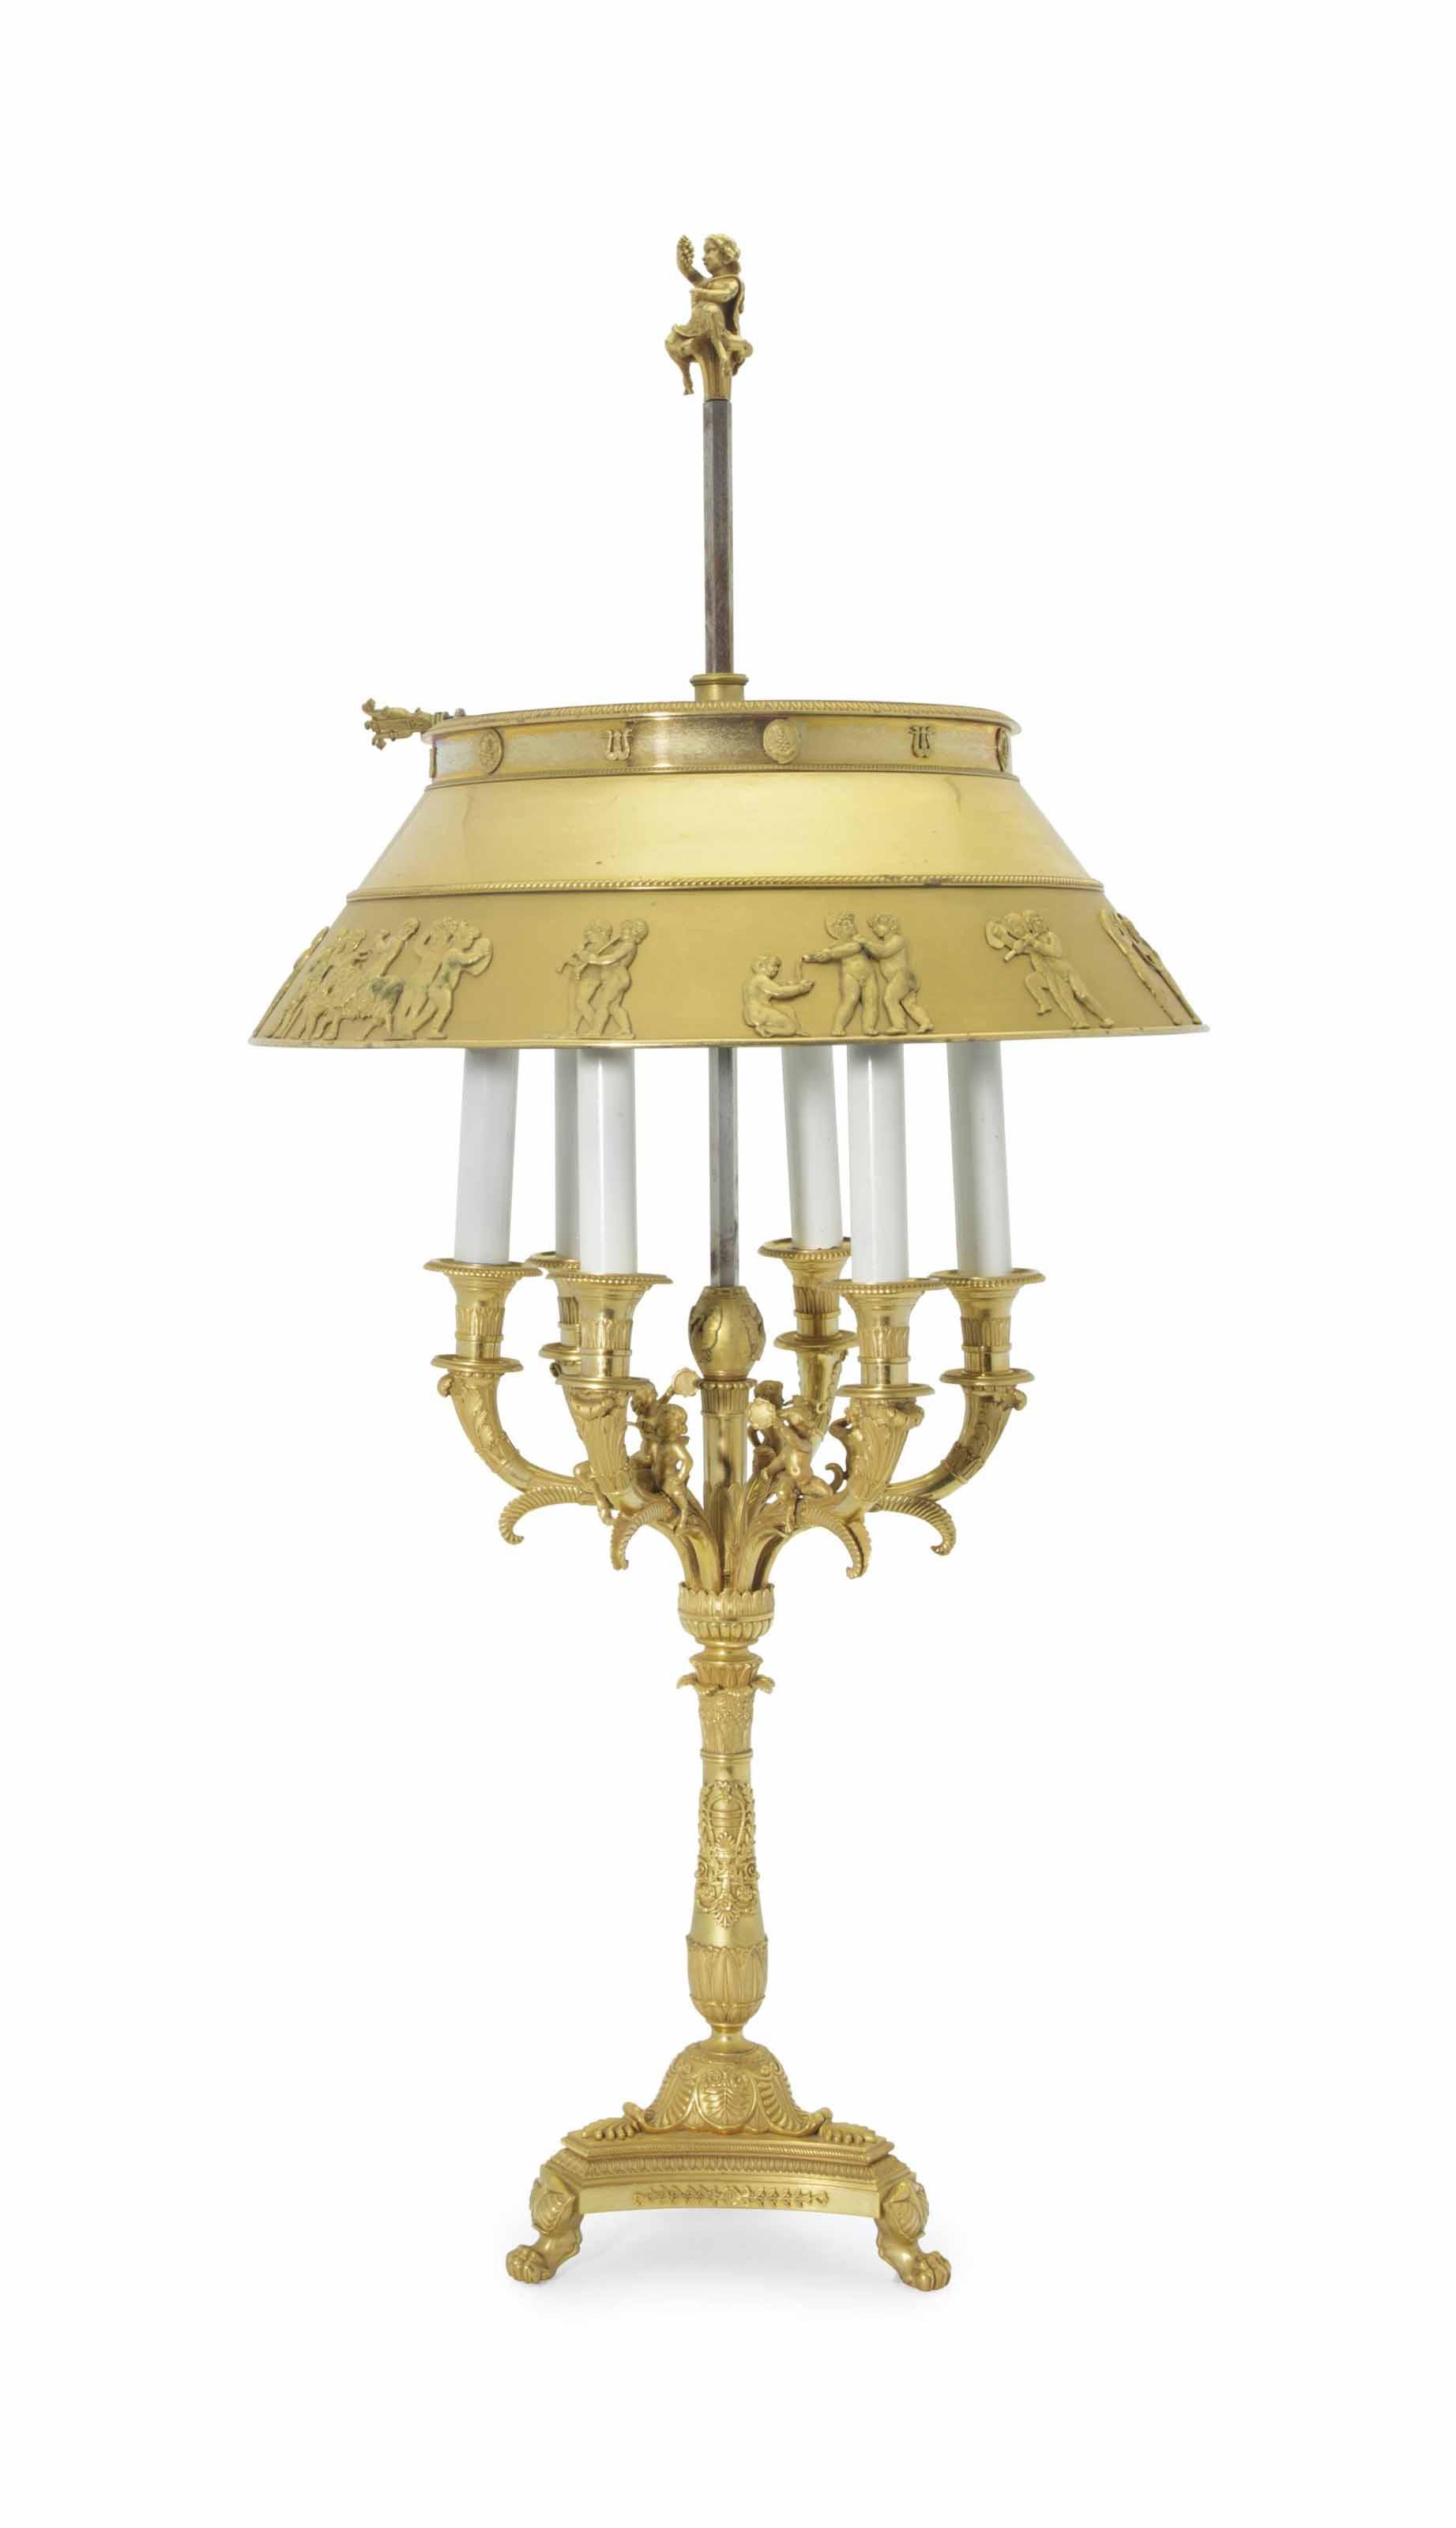 a empire style ormolu six light lampe de bureau late 20th century after a design by olivier. Black Bedroom Furniture Sets. Home Design Ideas